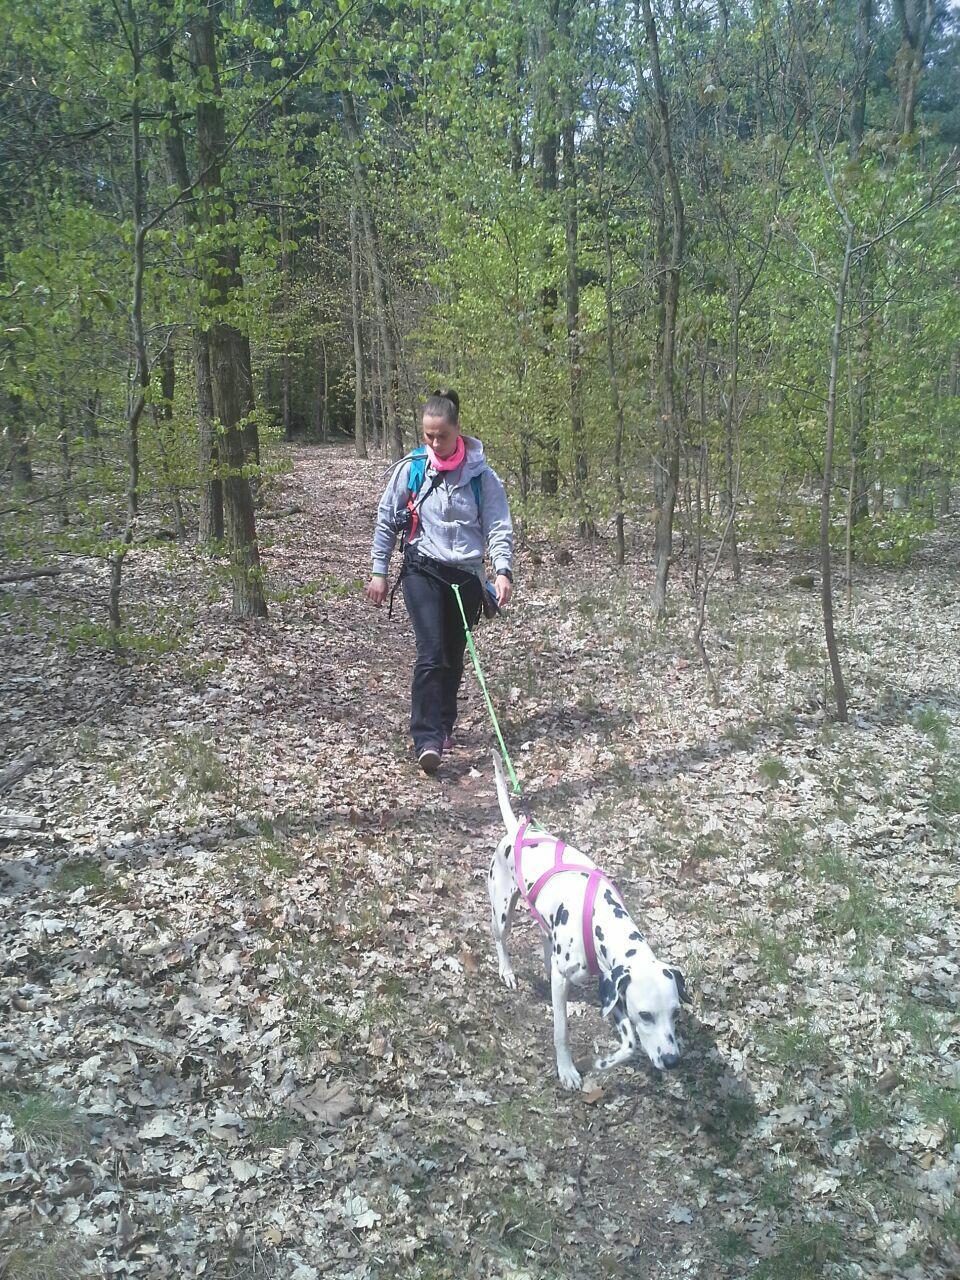 Frau mit Dalmatiner am Zuggeschirr im Wald